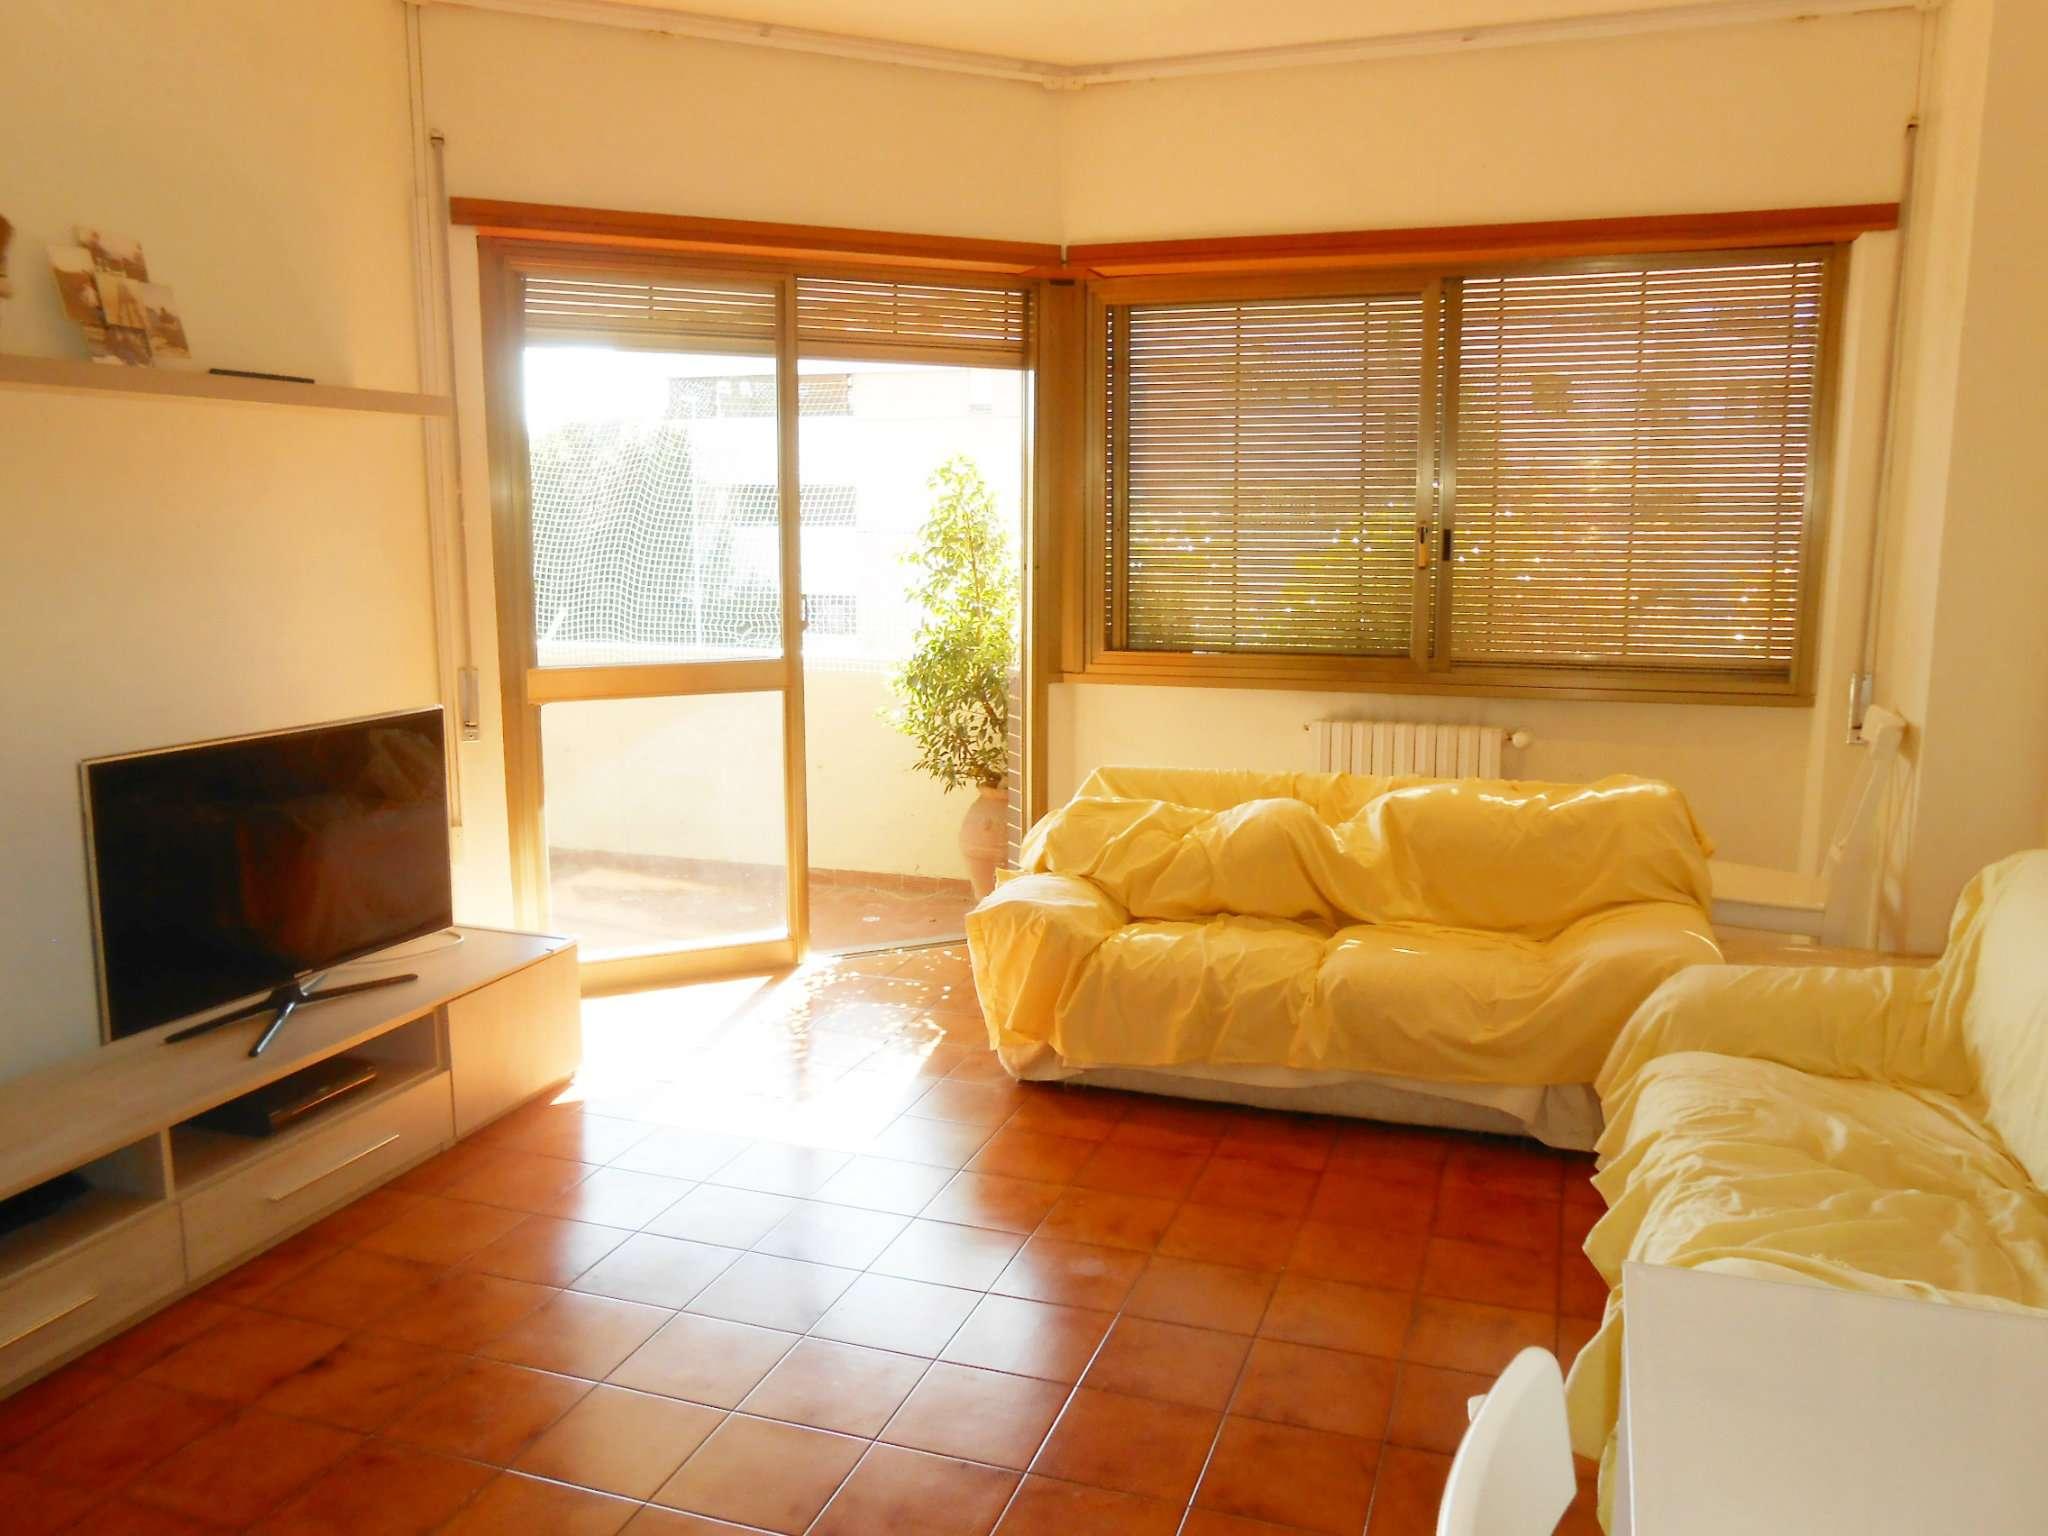 Appartamento in vendita a Roma, 3 locali, zona Zona: 16 . Appia nuova - Alberone - Colli Albani, prezzo € 310.000 | CambioCasa.it